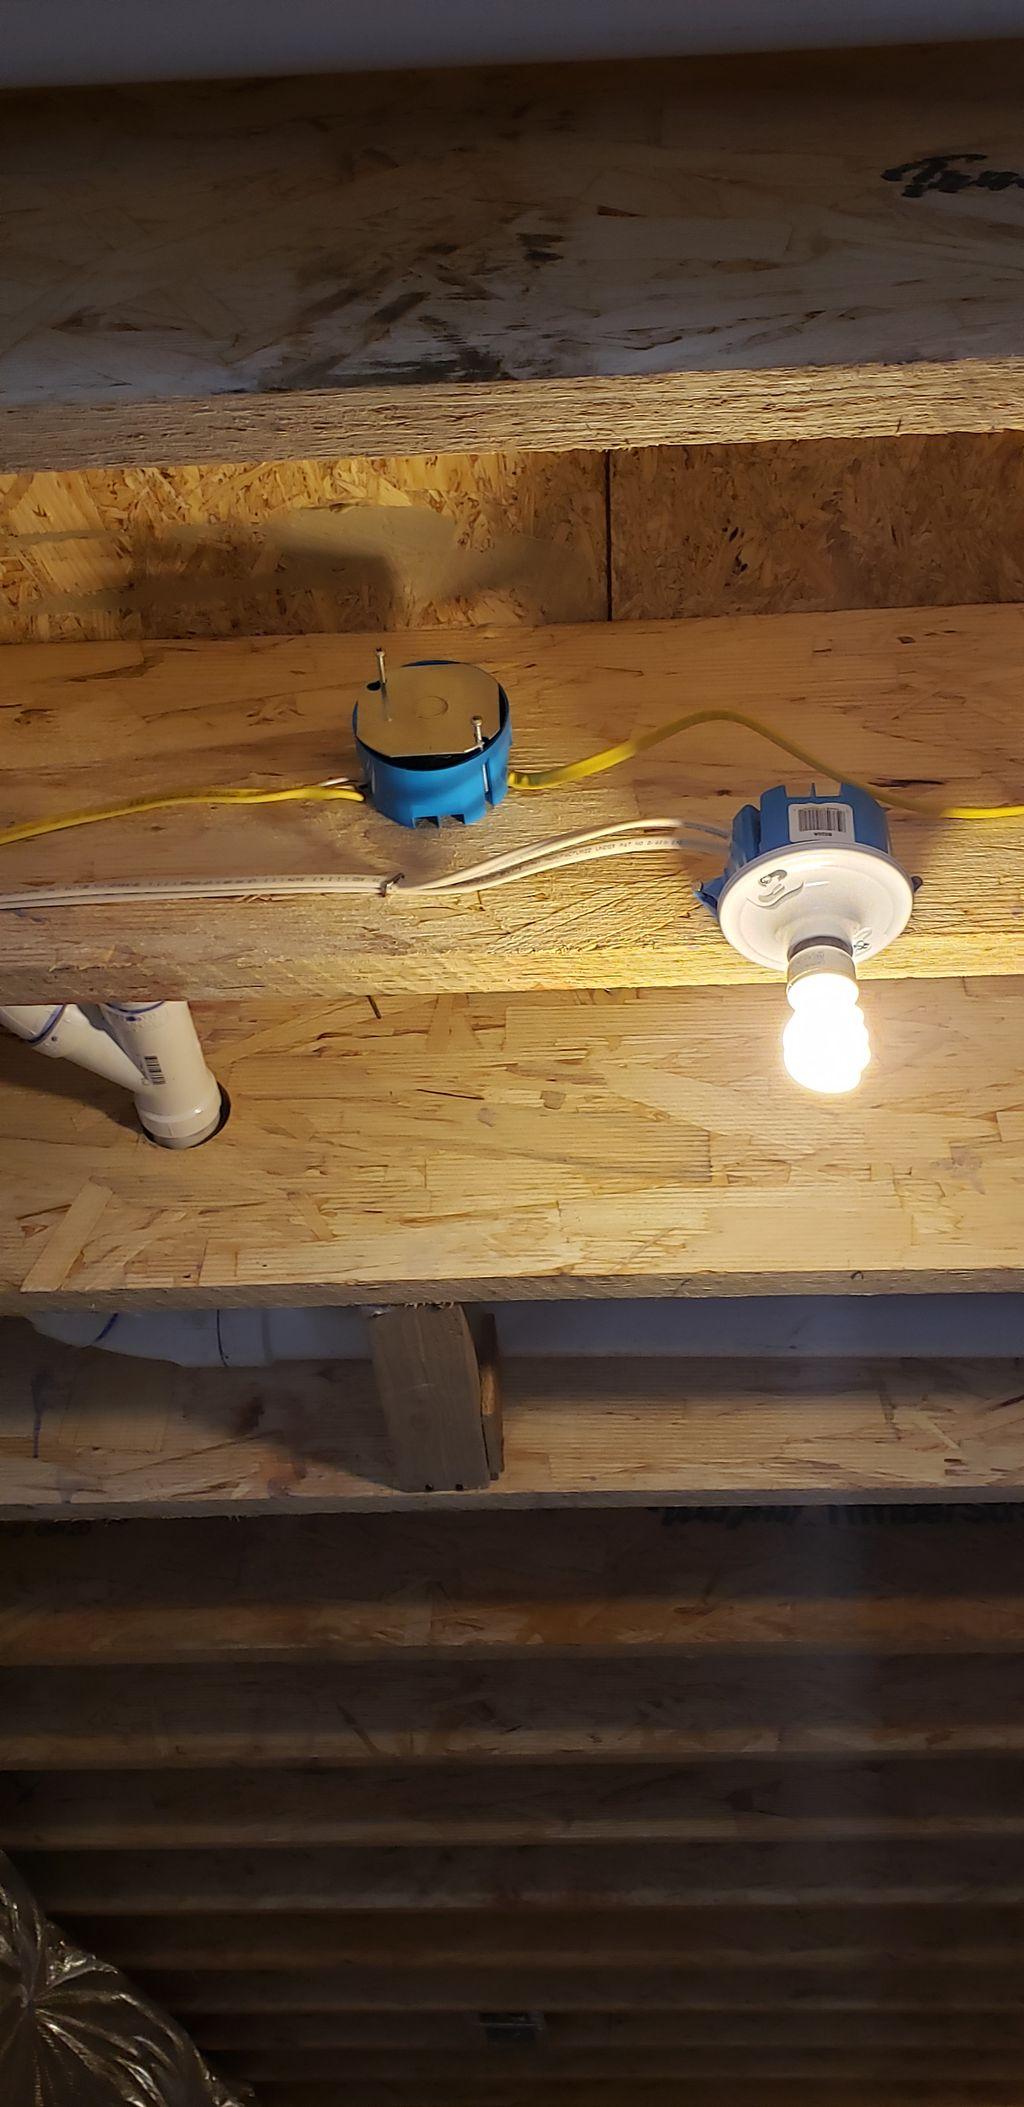 Electrical outlet for bidet